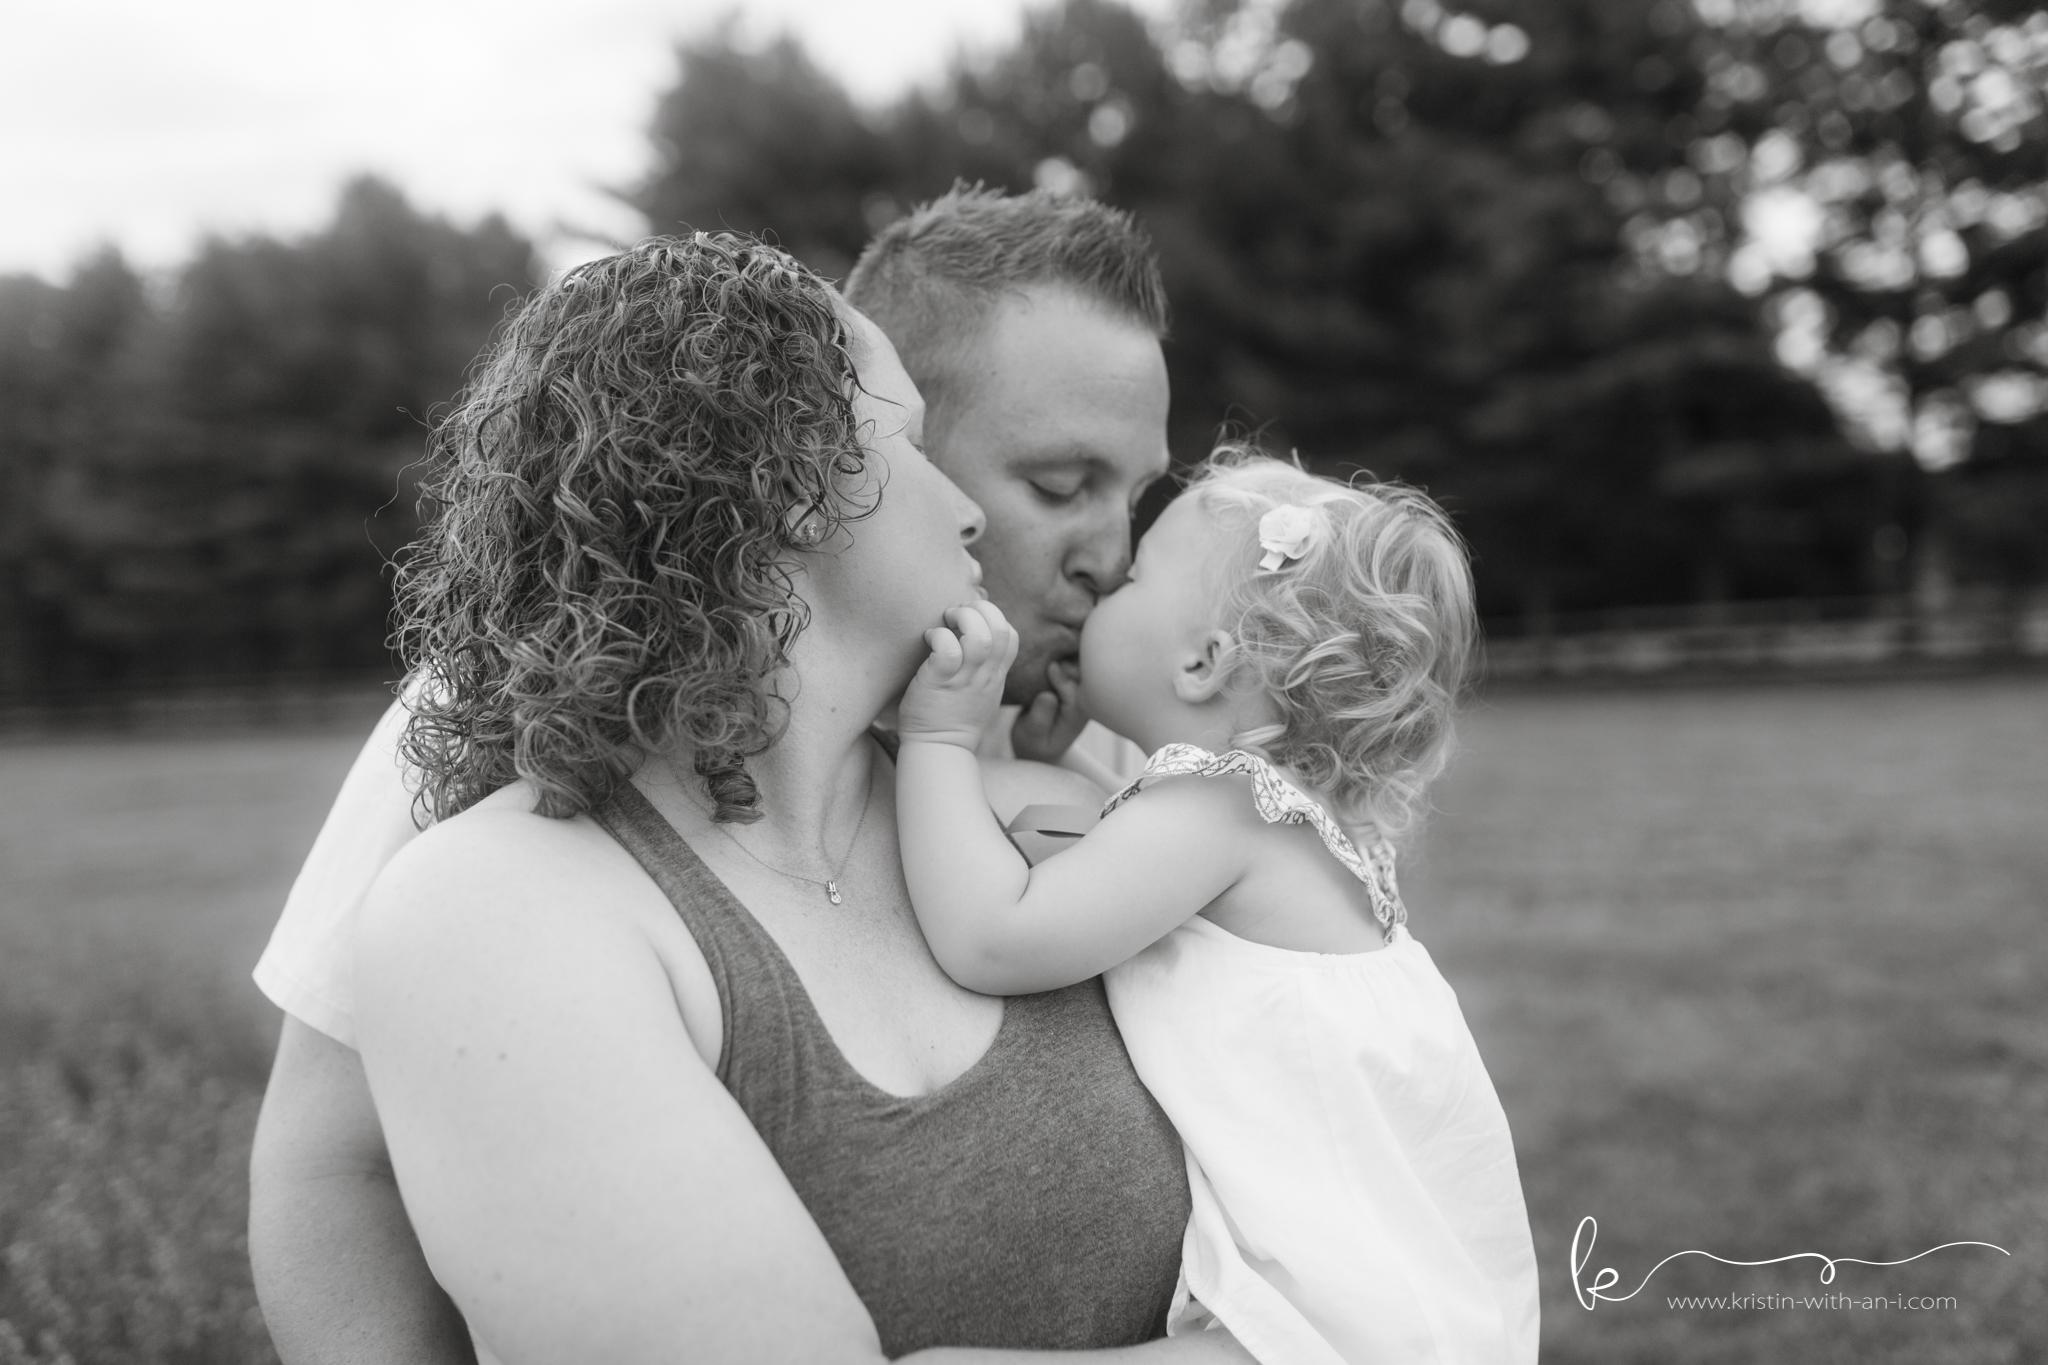 Lehigh Valley Family Photographer Lehigh Valley Child Photographer Allentown Family Photographer Bucks County Family Photographer King of Prussia Family Photographer